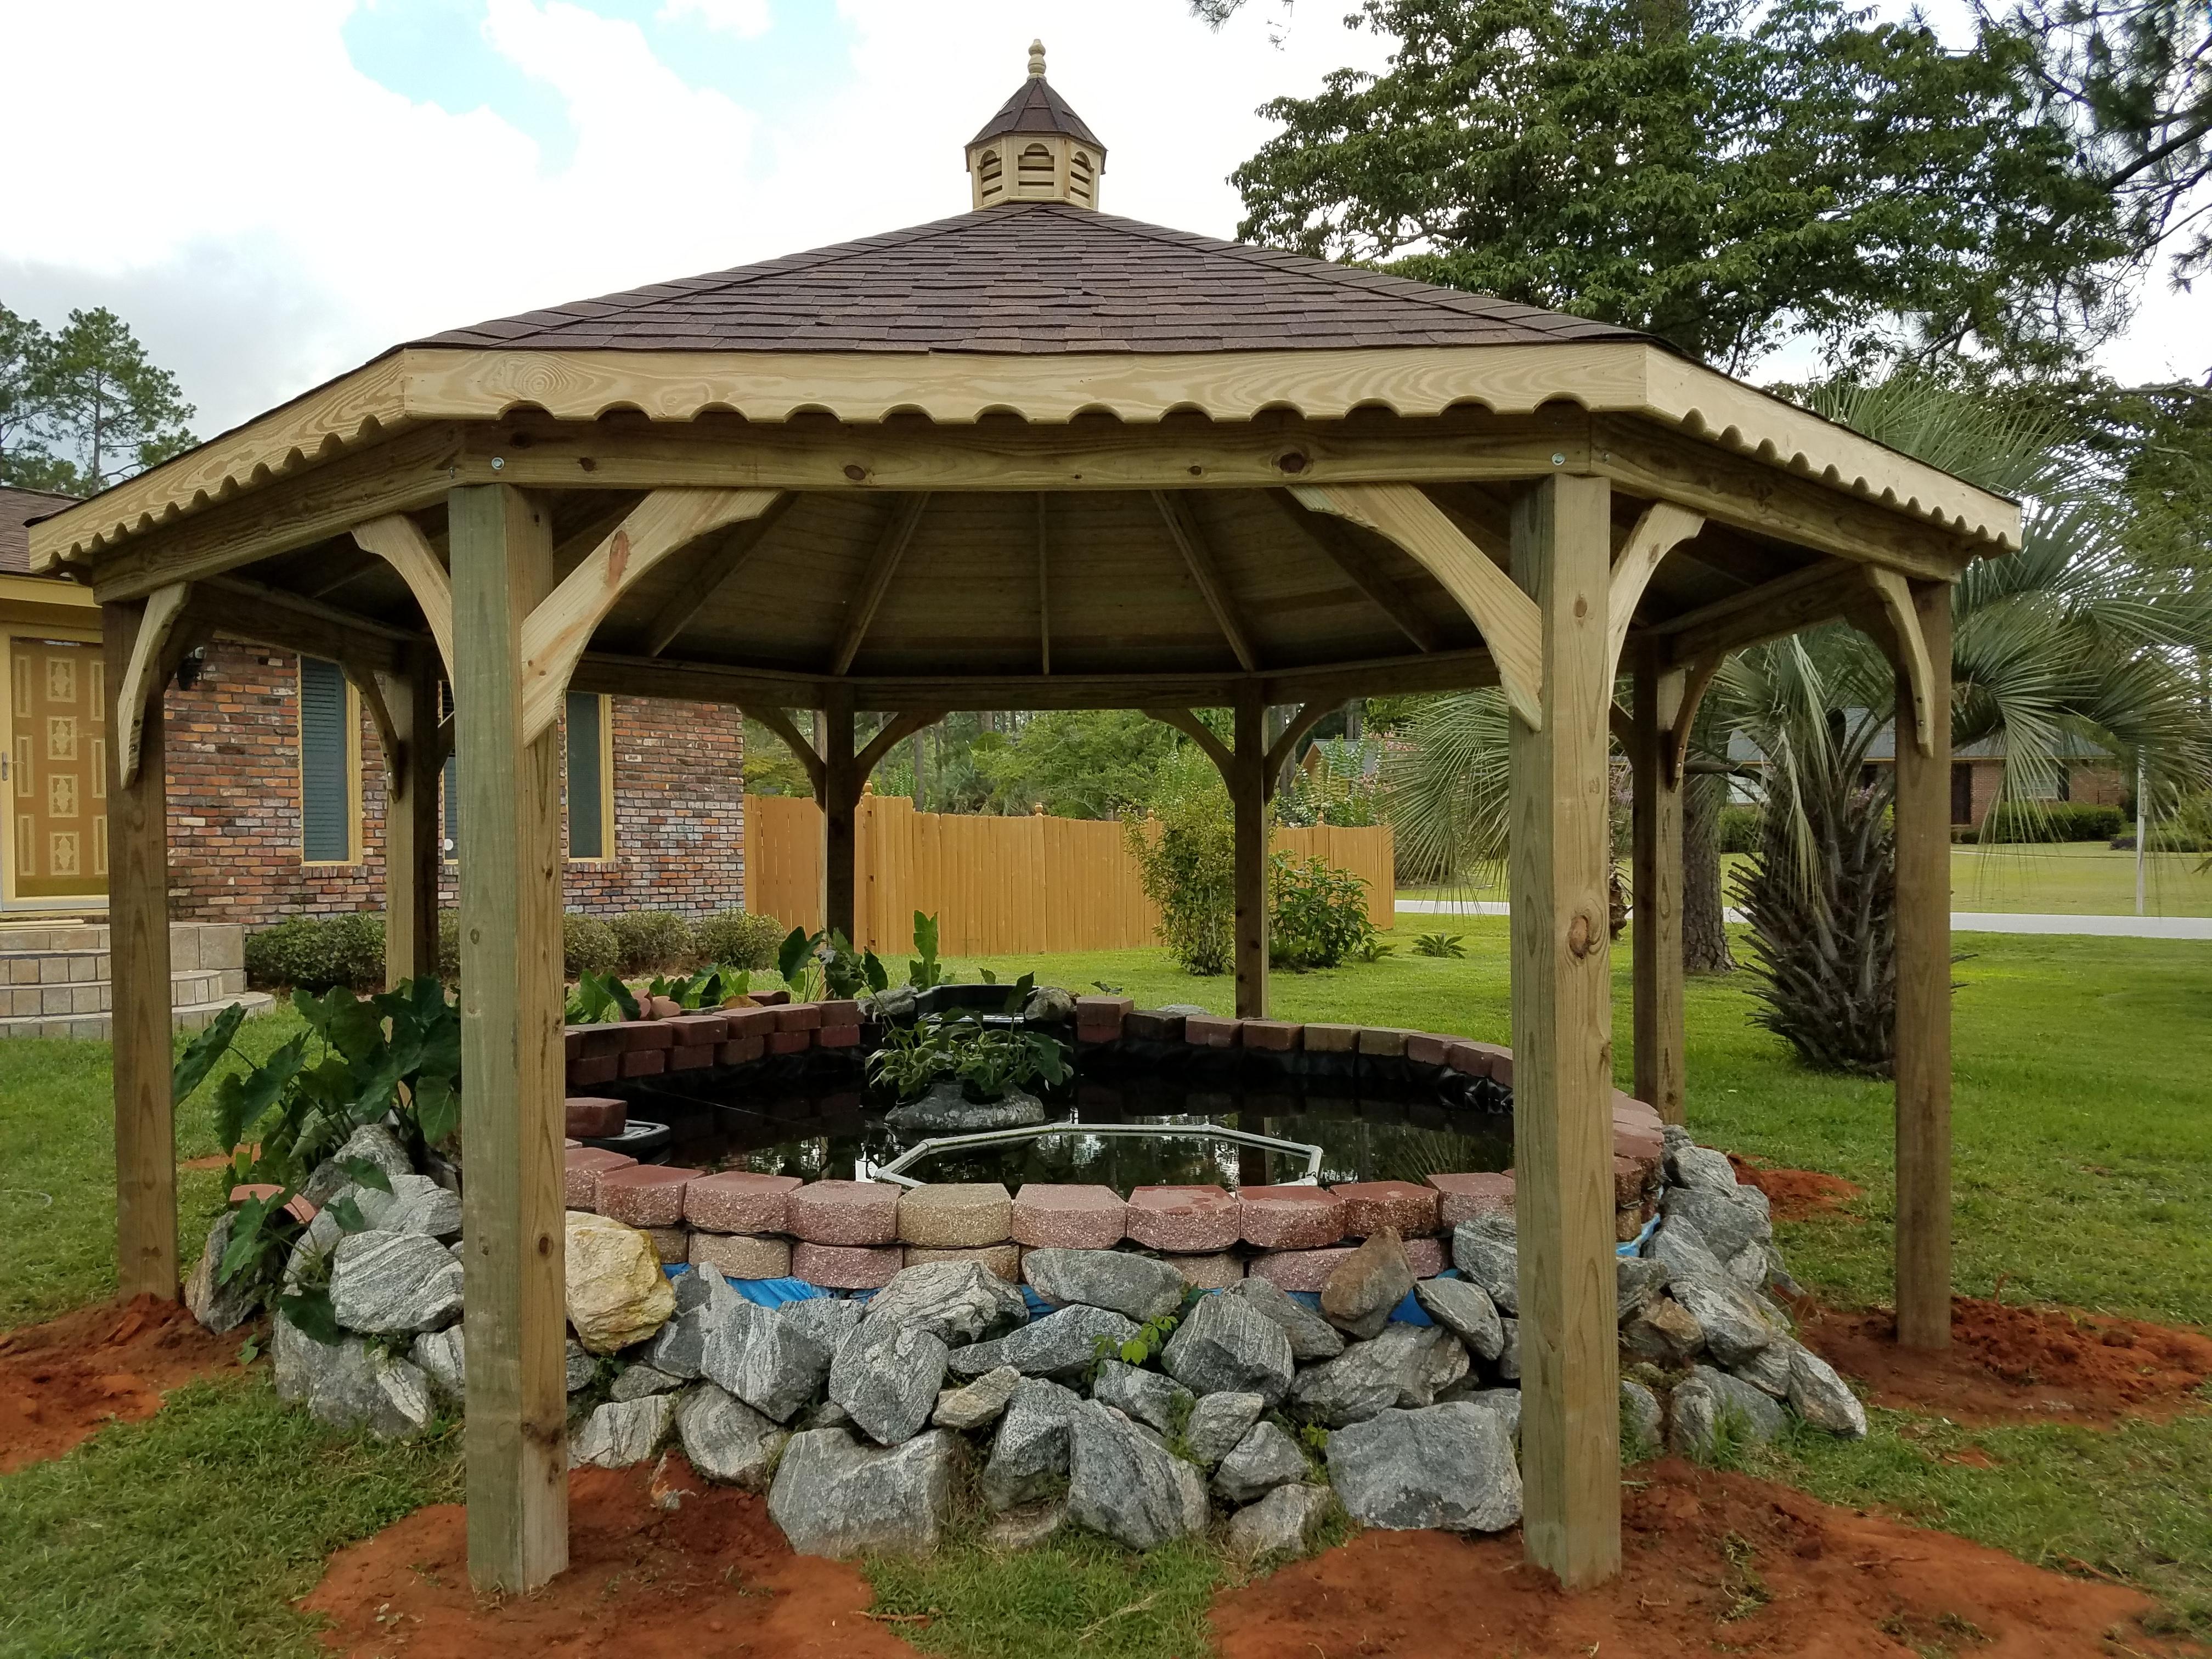 18x18 Octagon Pavilion Coy Pond Shelter